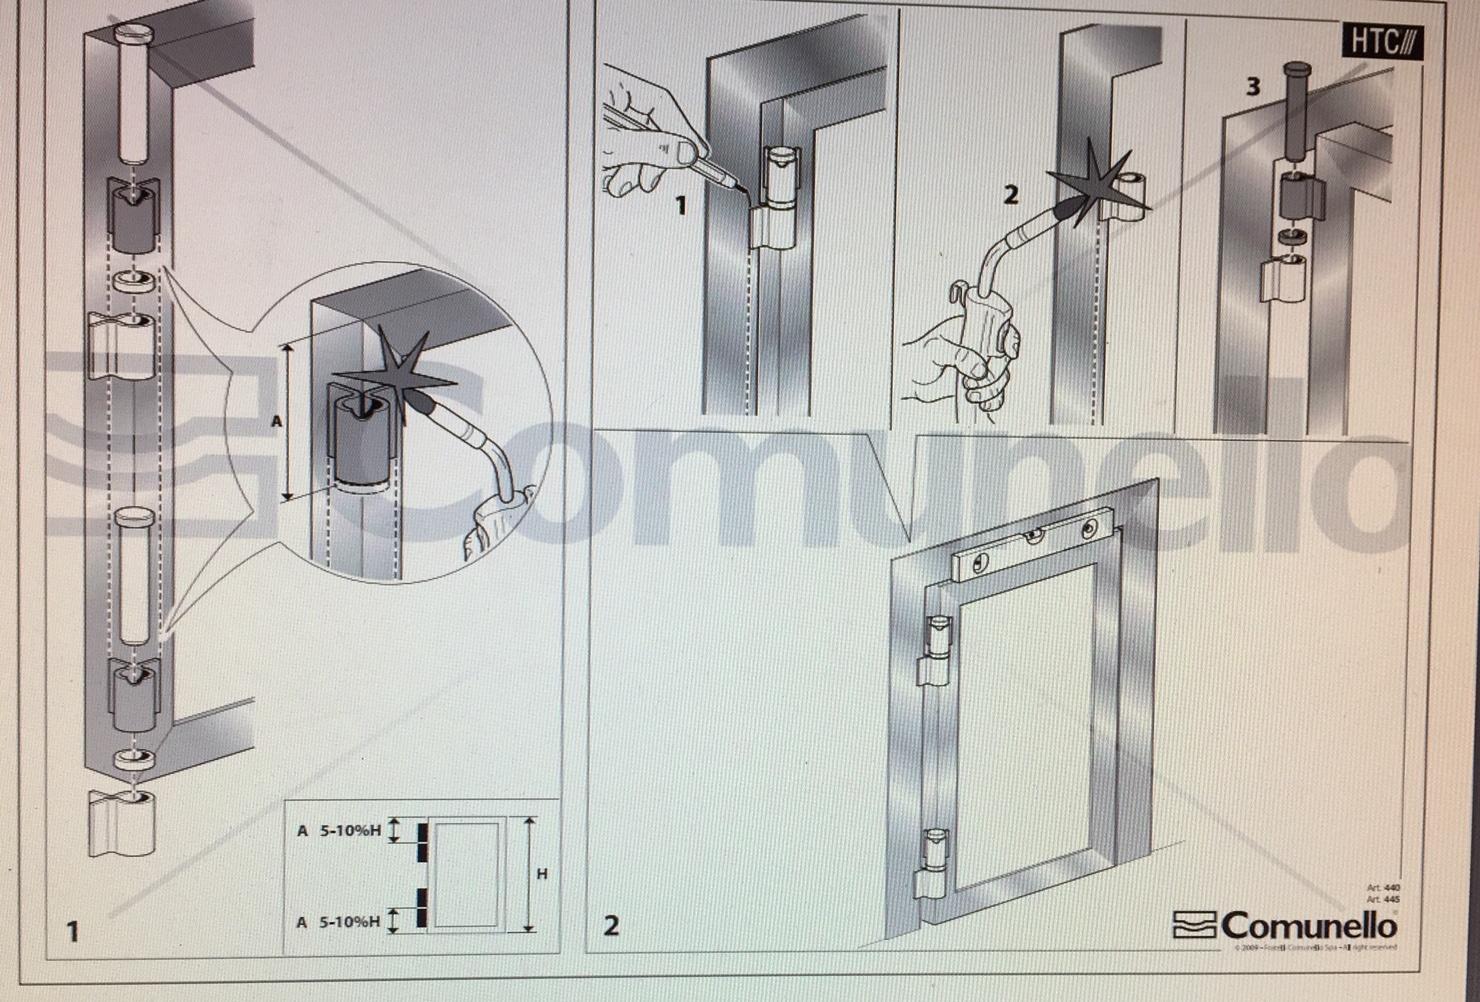 Comunello 445-90 Install Diagram